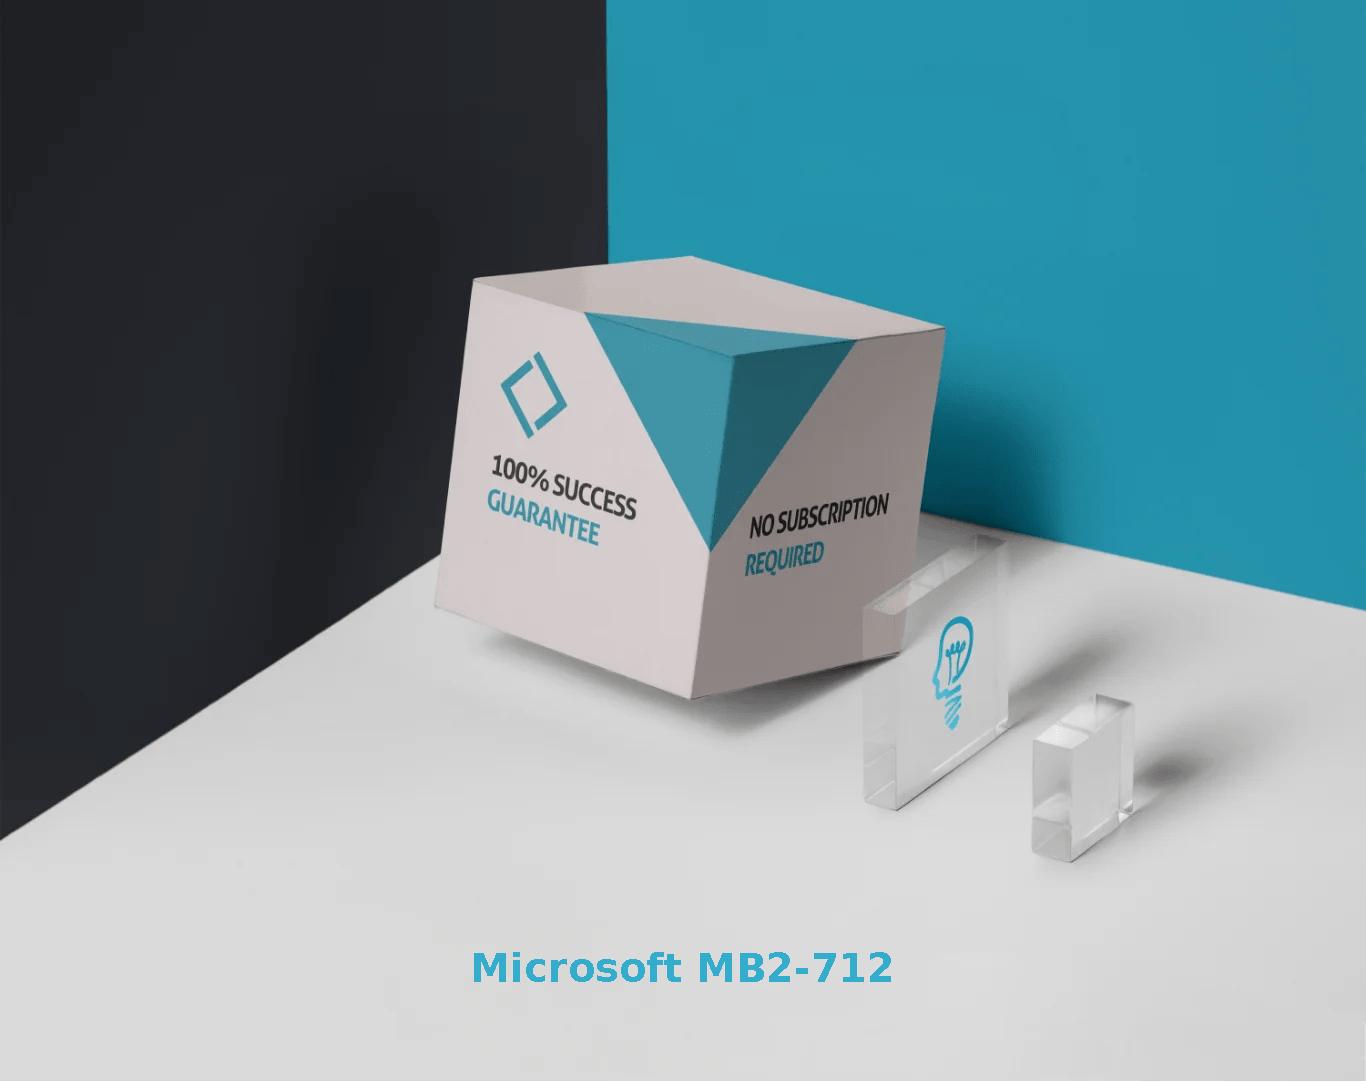 MB2-712 Dumps